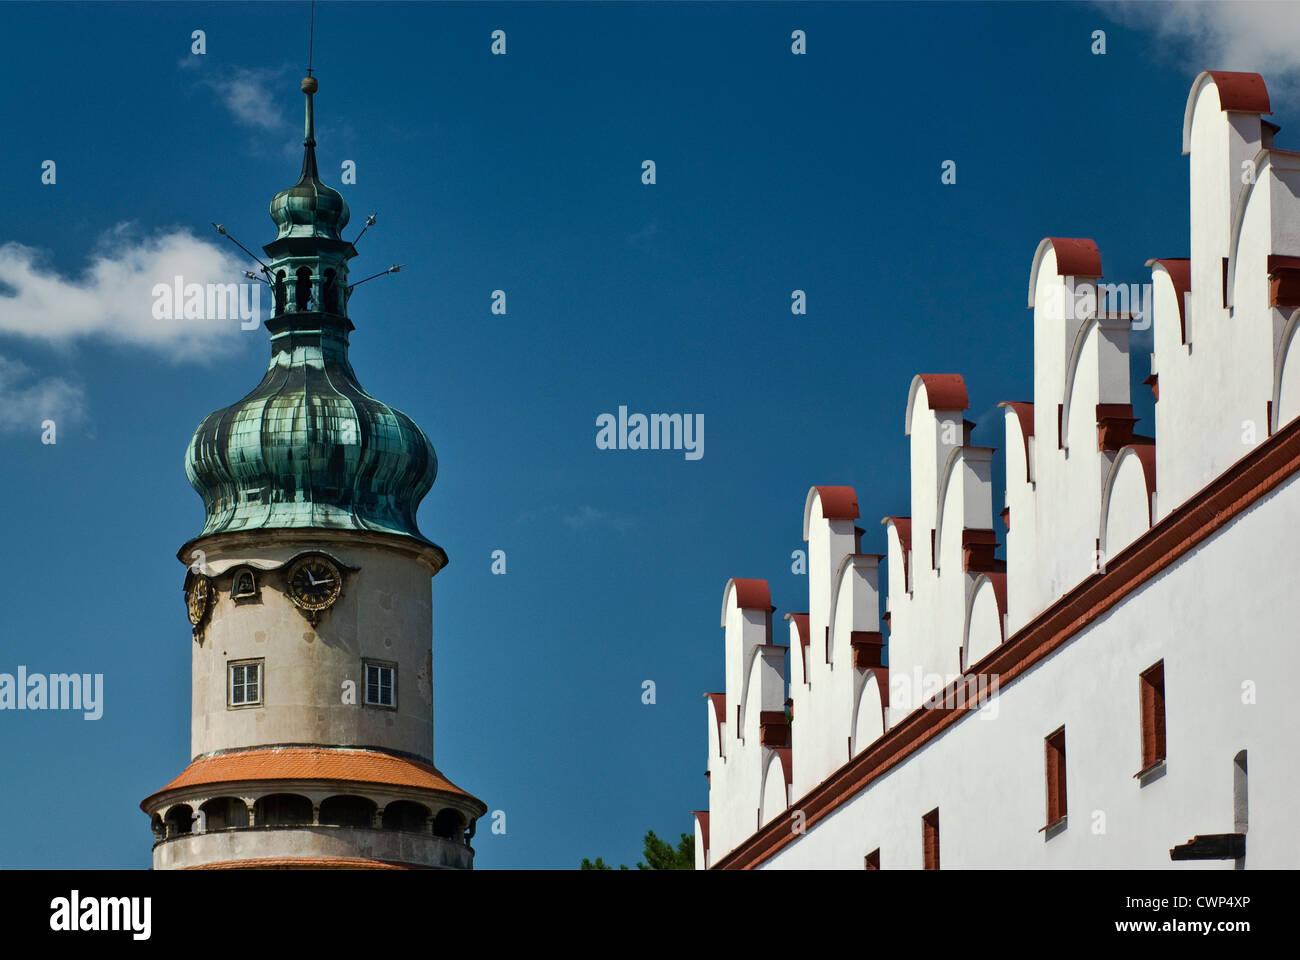 Torre de castillo y en el ático del edificio en Nové Město nad Metují en Hradec Králové Imagen De Stock